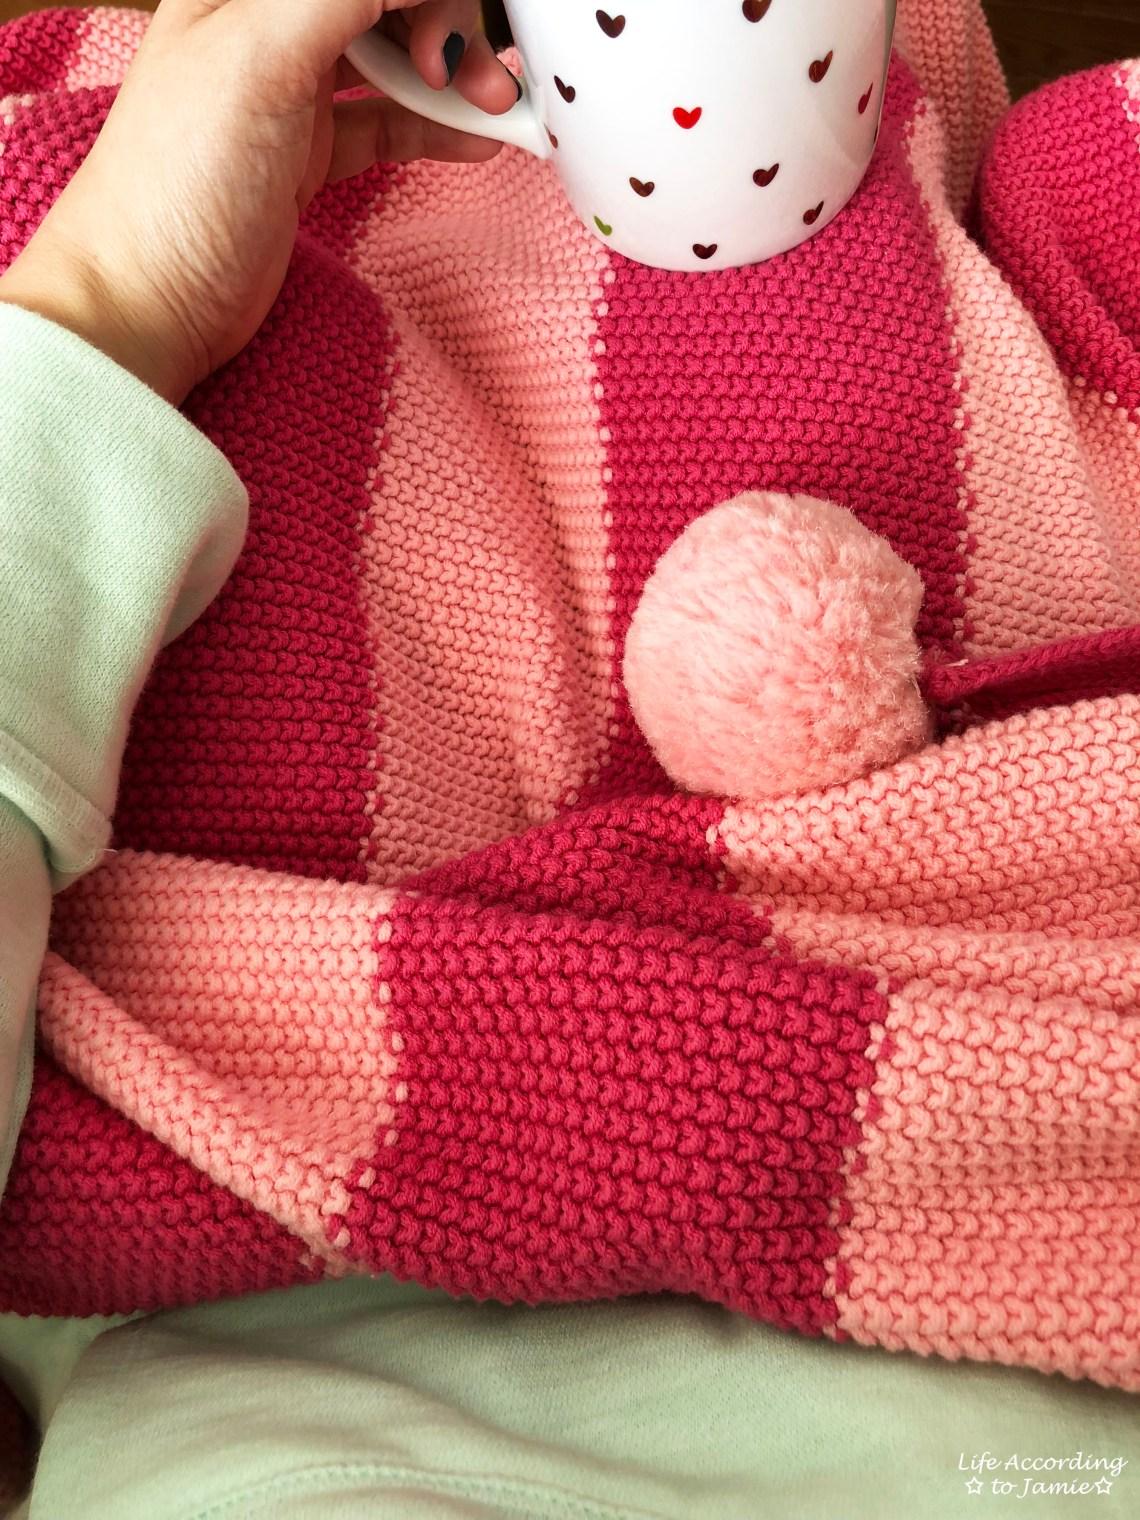 Pink pompom blanket + heart mug